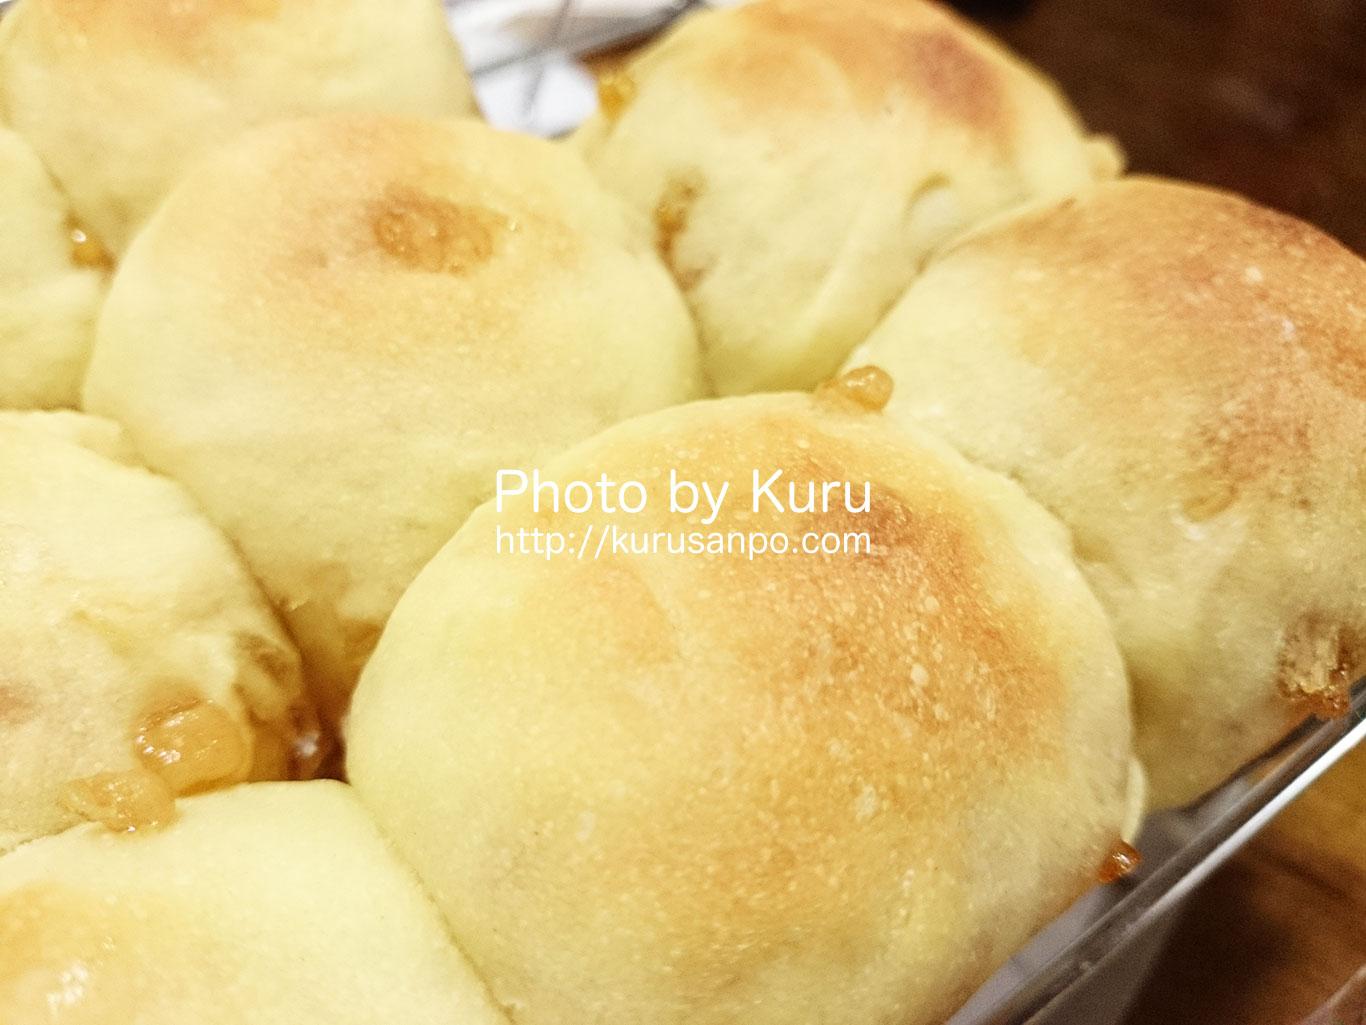 ベッカ晶子さんの『日本一簡単に家で焼けるパンレシピ』のレシピでメープルパンを焼いたよ♪